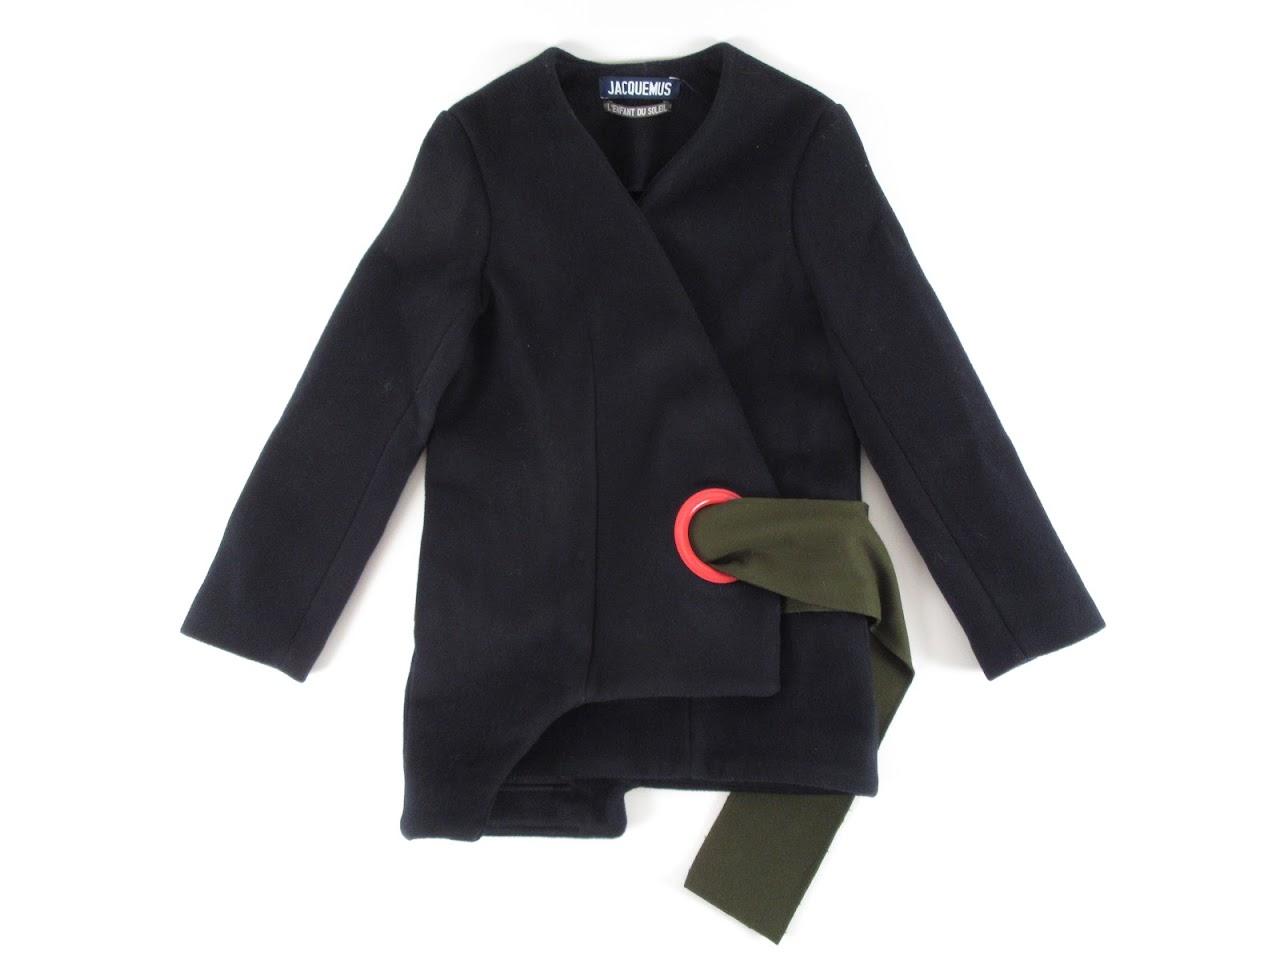 Jacquemus L'Enfant Du Soleil F/W15 Wool Coat